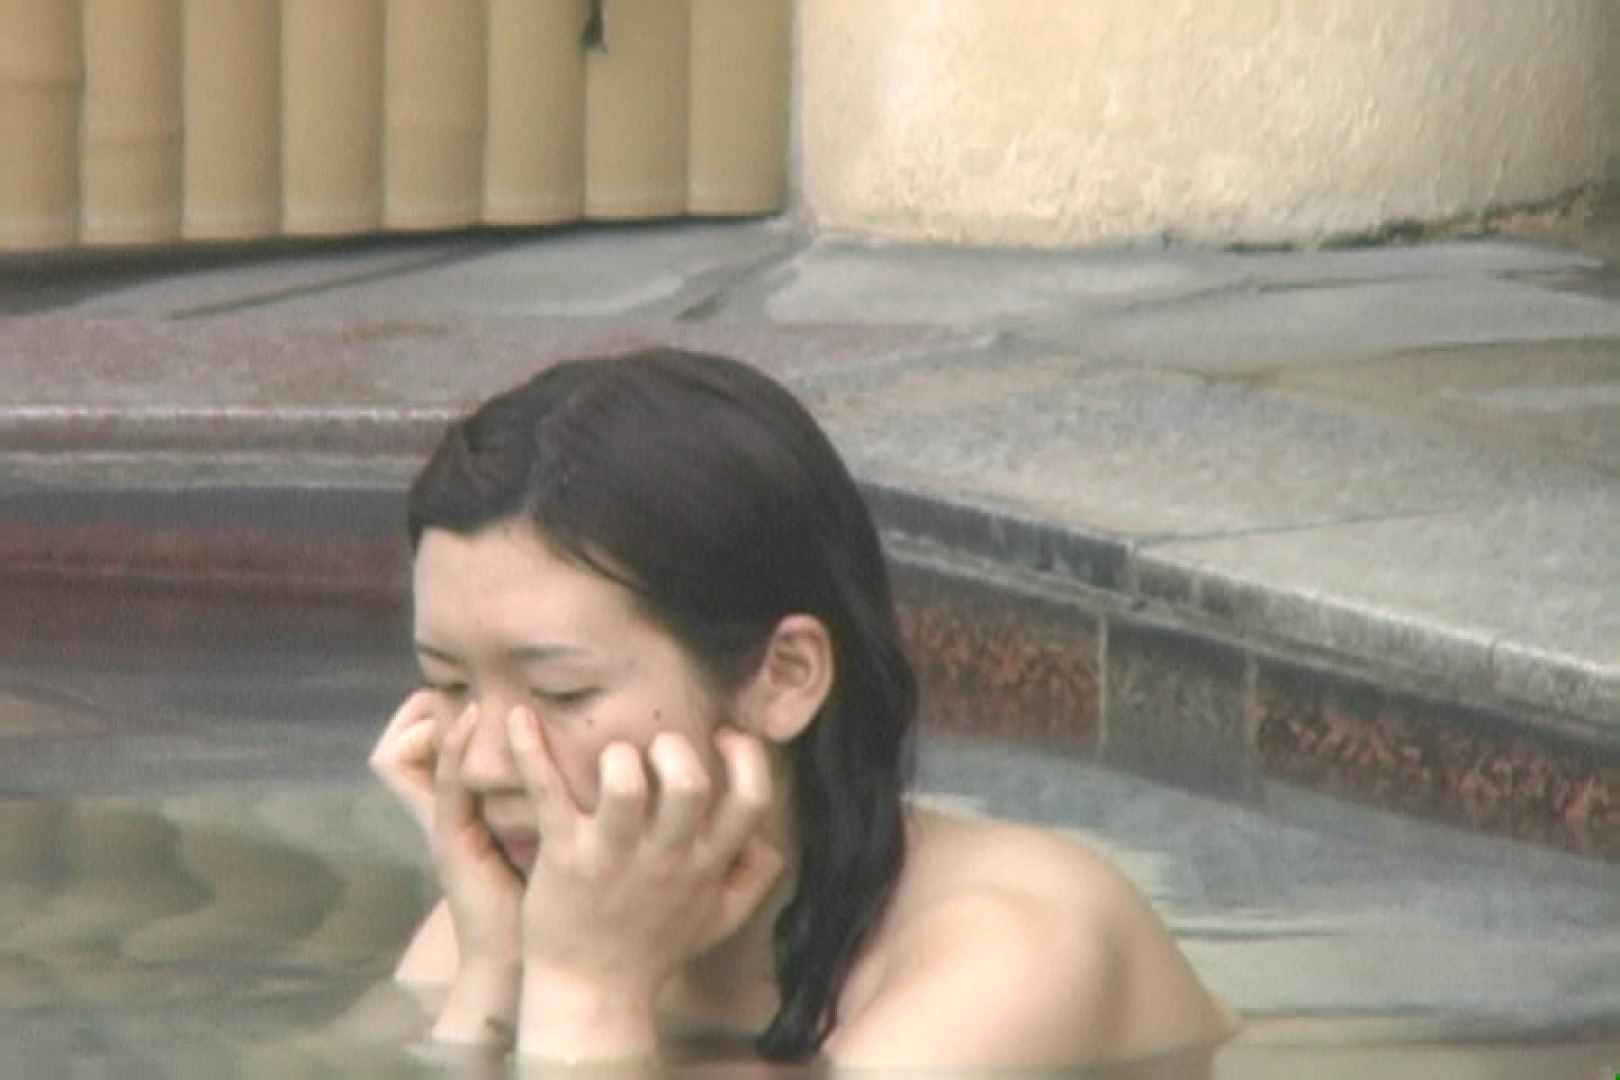 高画質露天女風呂観察 vol.010 OLエロ画像 盗撮ヌード画像 107PICs 23